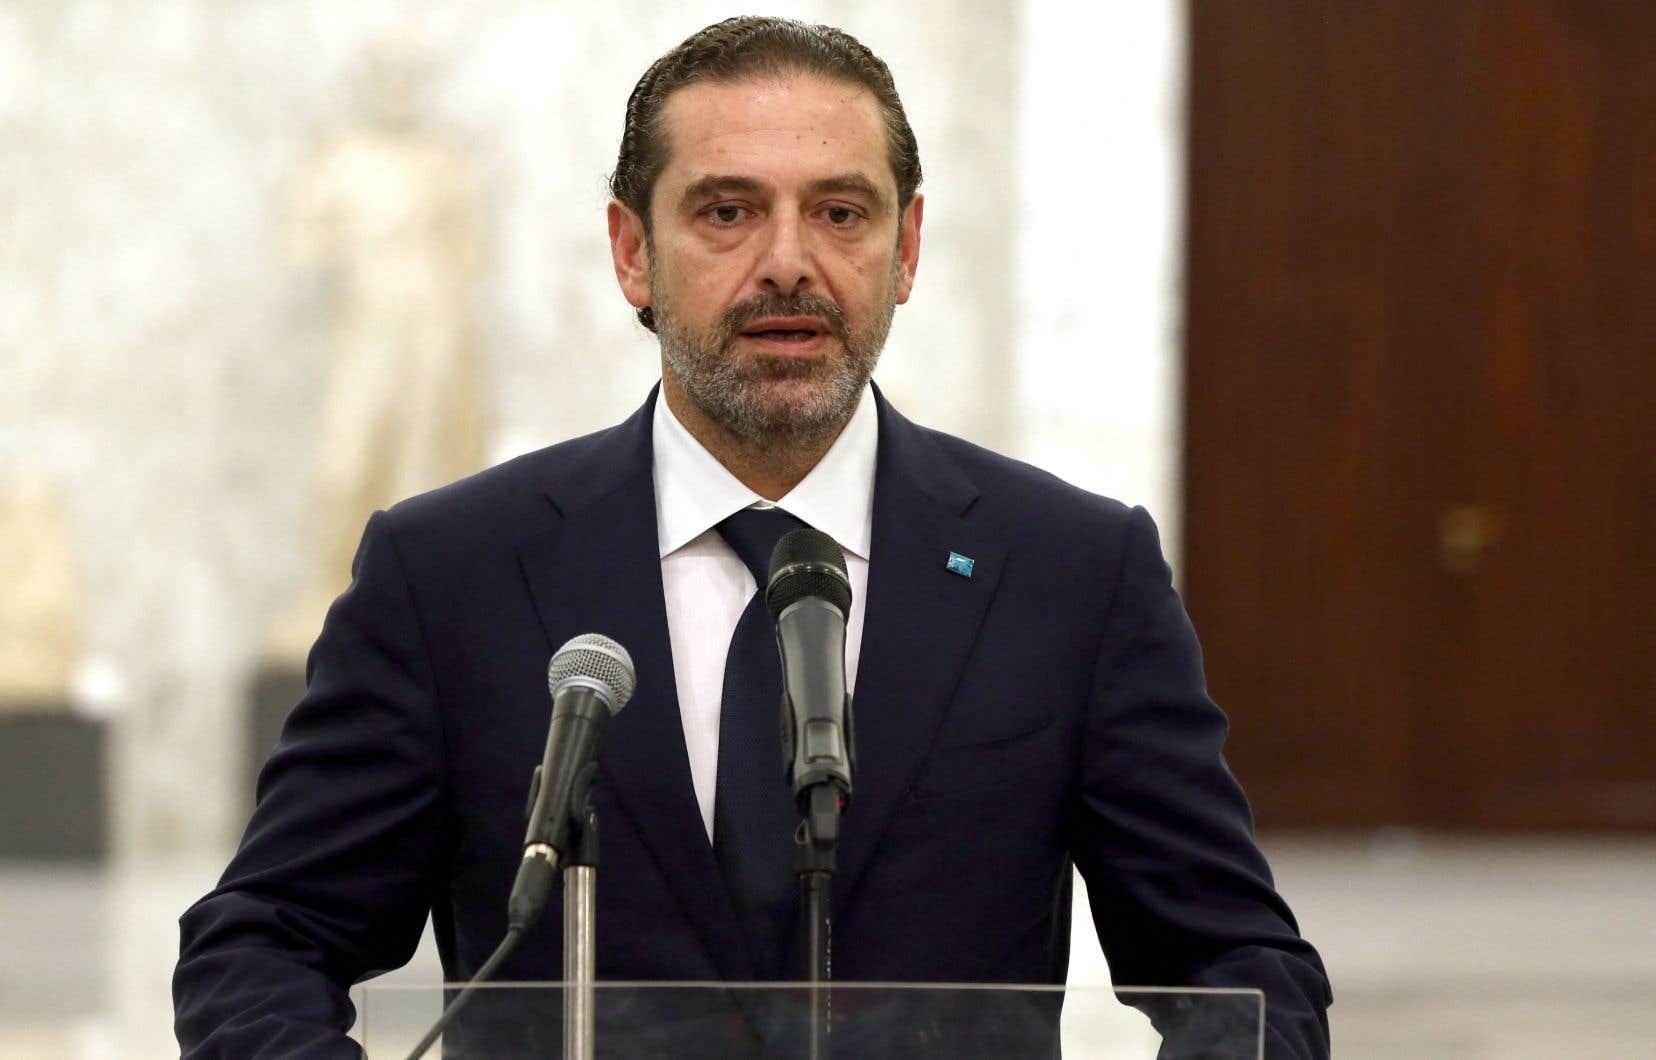 """«Je lui ai proposé plus de temps pour réfléchir et [Michel Aoun] a dit """"Nous ne pourrons pas nous mettre d'accord"""". C'est pourquoi je me suis excusé de ne pas pouvoir former le gouvernement, que Dieu aide le pays», a déclaré Saad Hariri."""